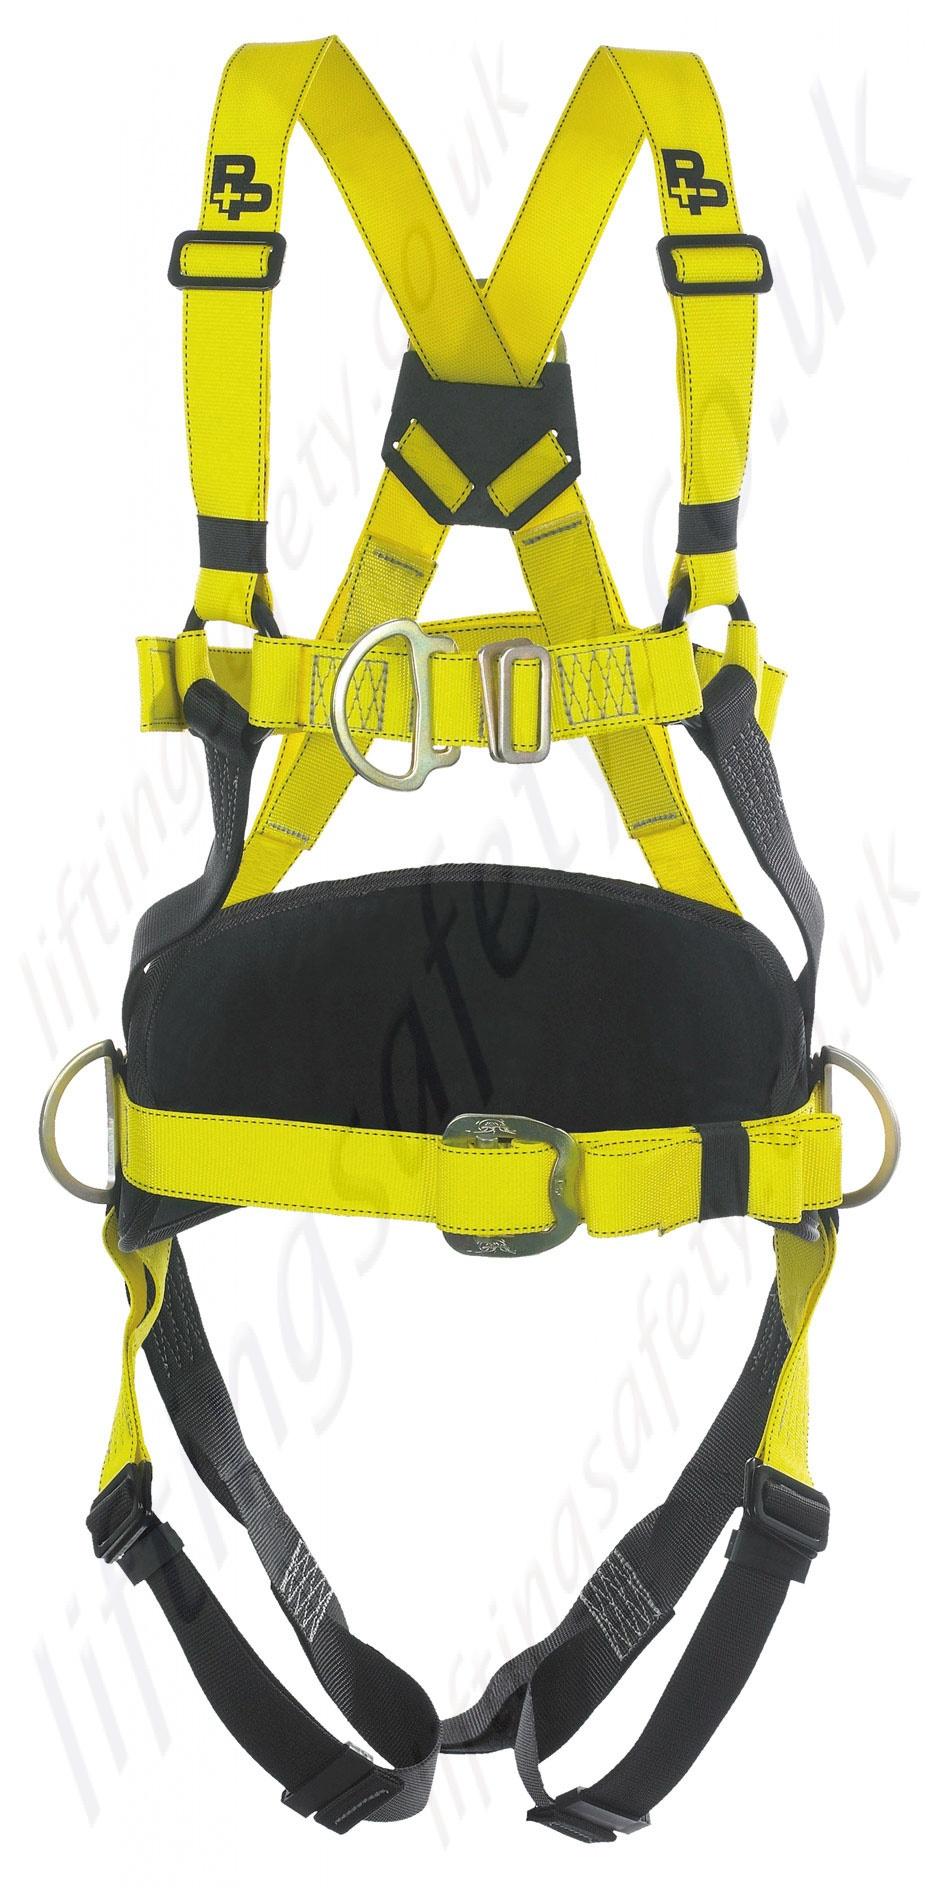 P P  U0026quot Super Mk2 U0026quot  Fall Arrest Harness With Rear And Front  U0026 39 D